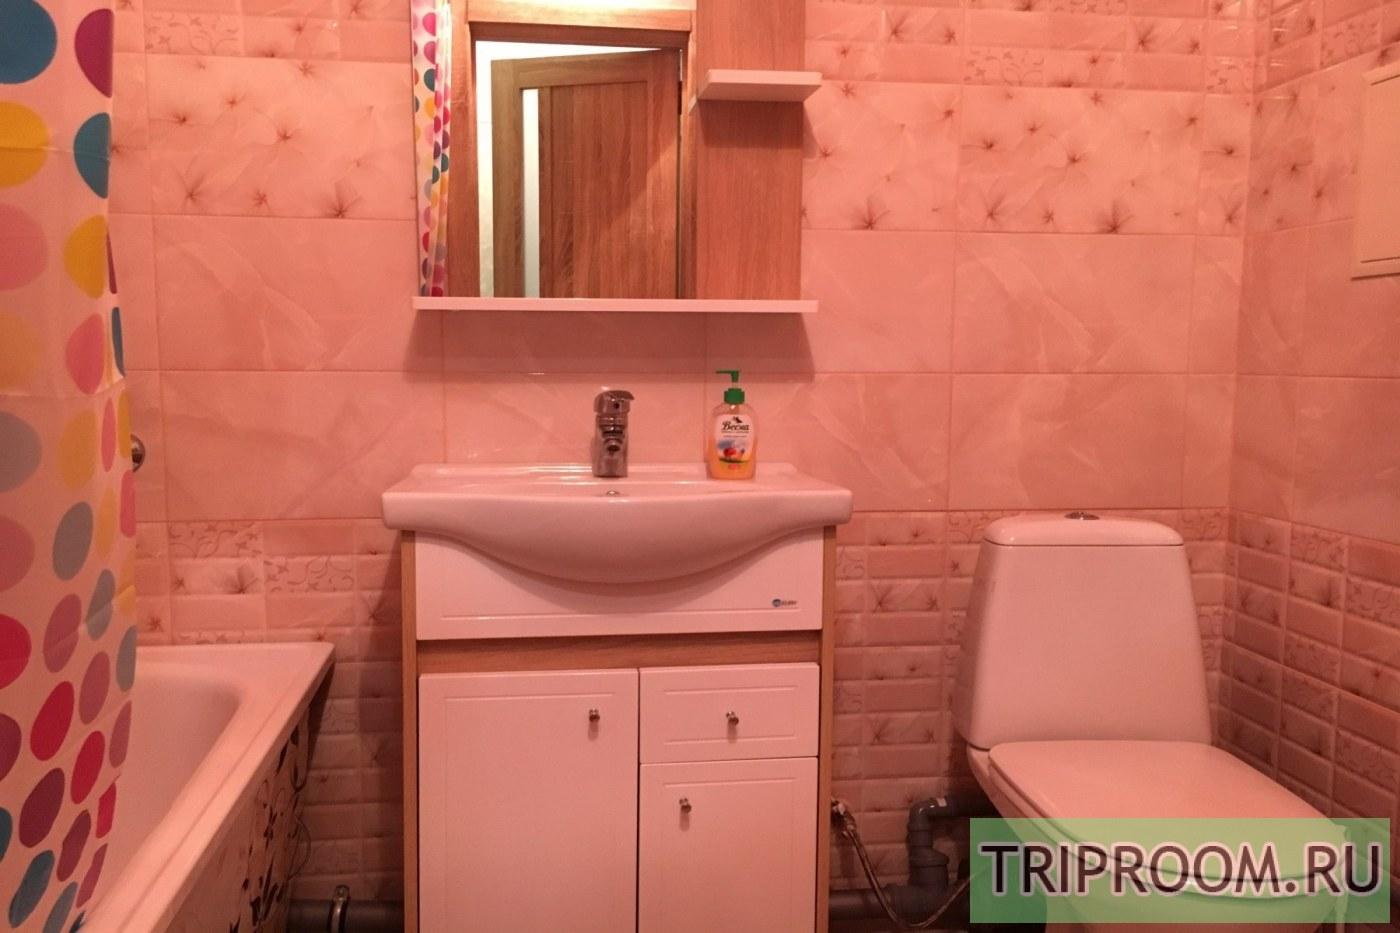 1-комнатная квартира посуточно (вариант № 37485), ул. Восточно-Кругликовская улица, фото № 2